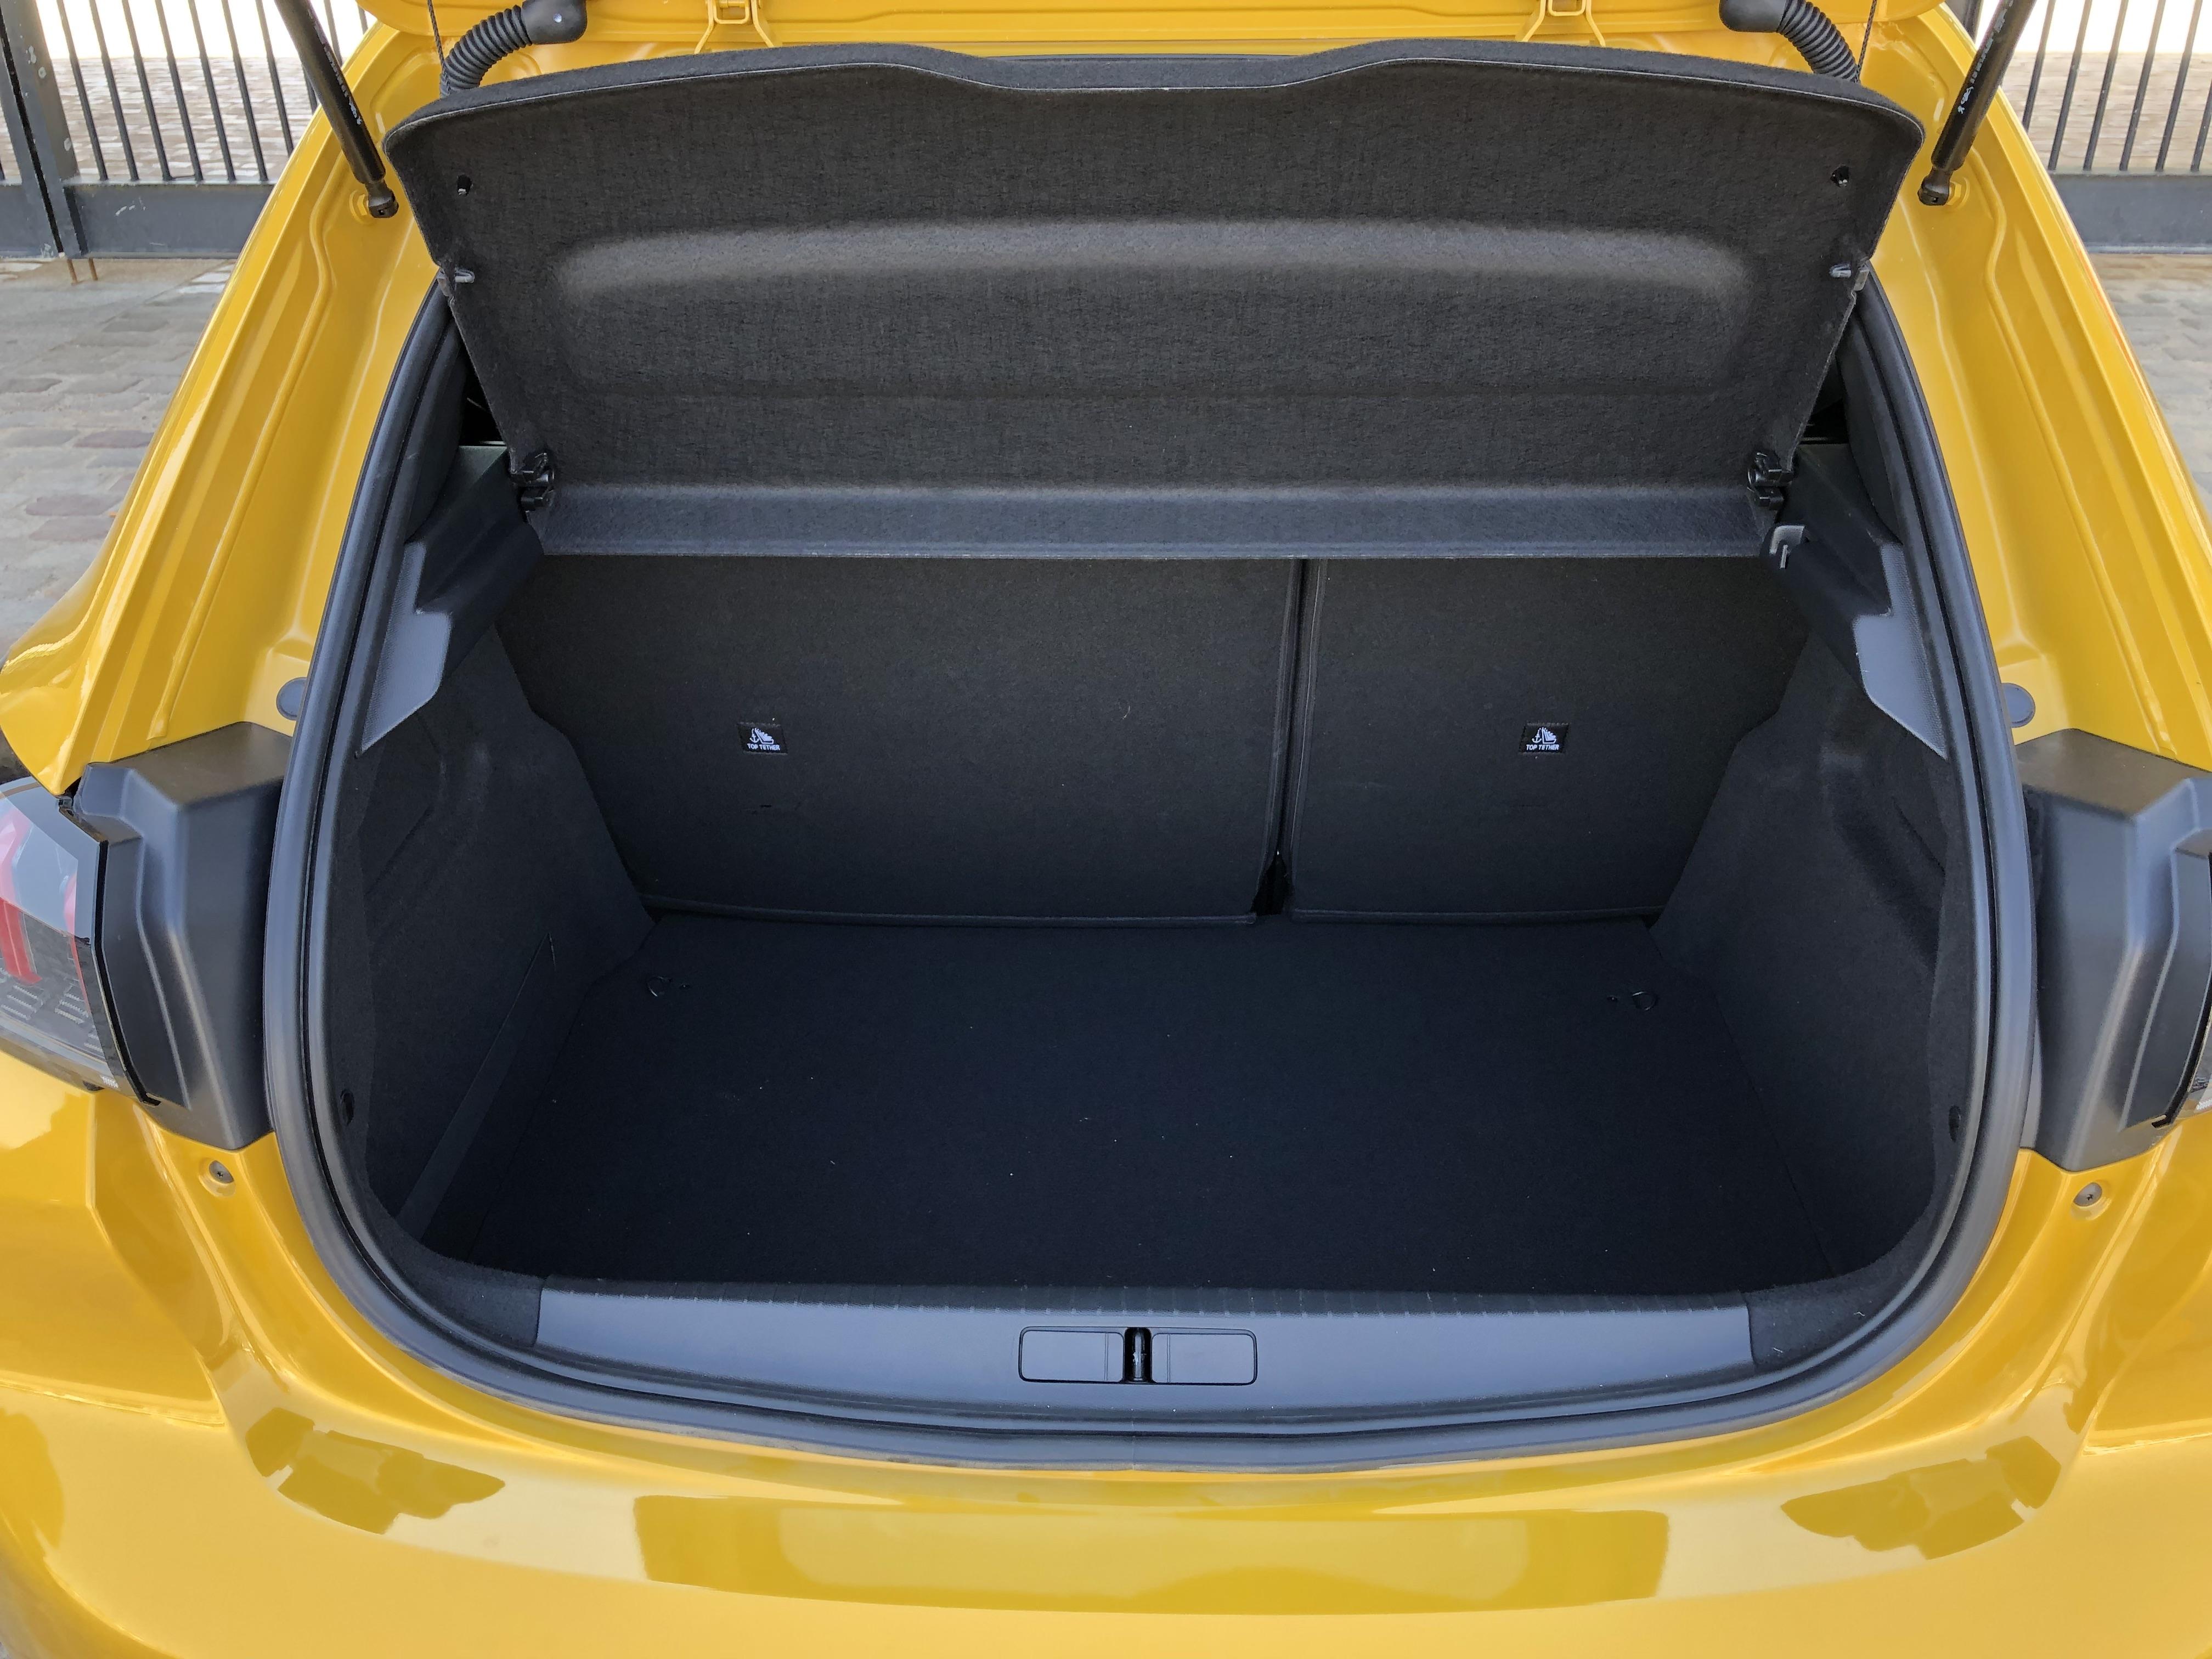 Comparatif Match Vidéo Renault Clio Vs 5 Peugeot 2082019Le UzVMpLqSG